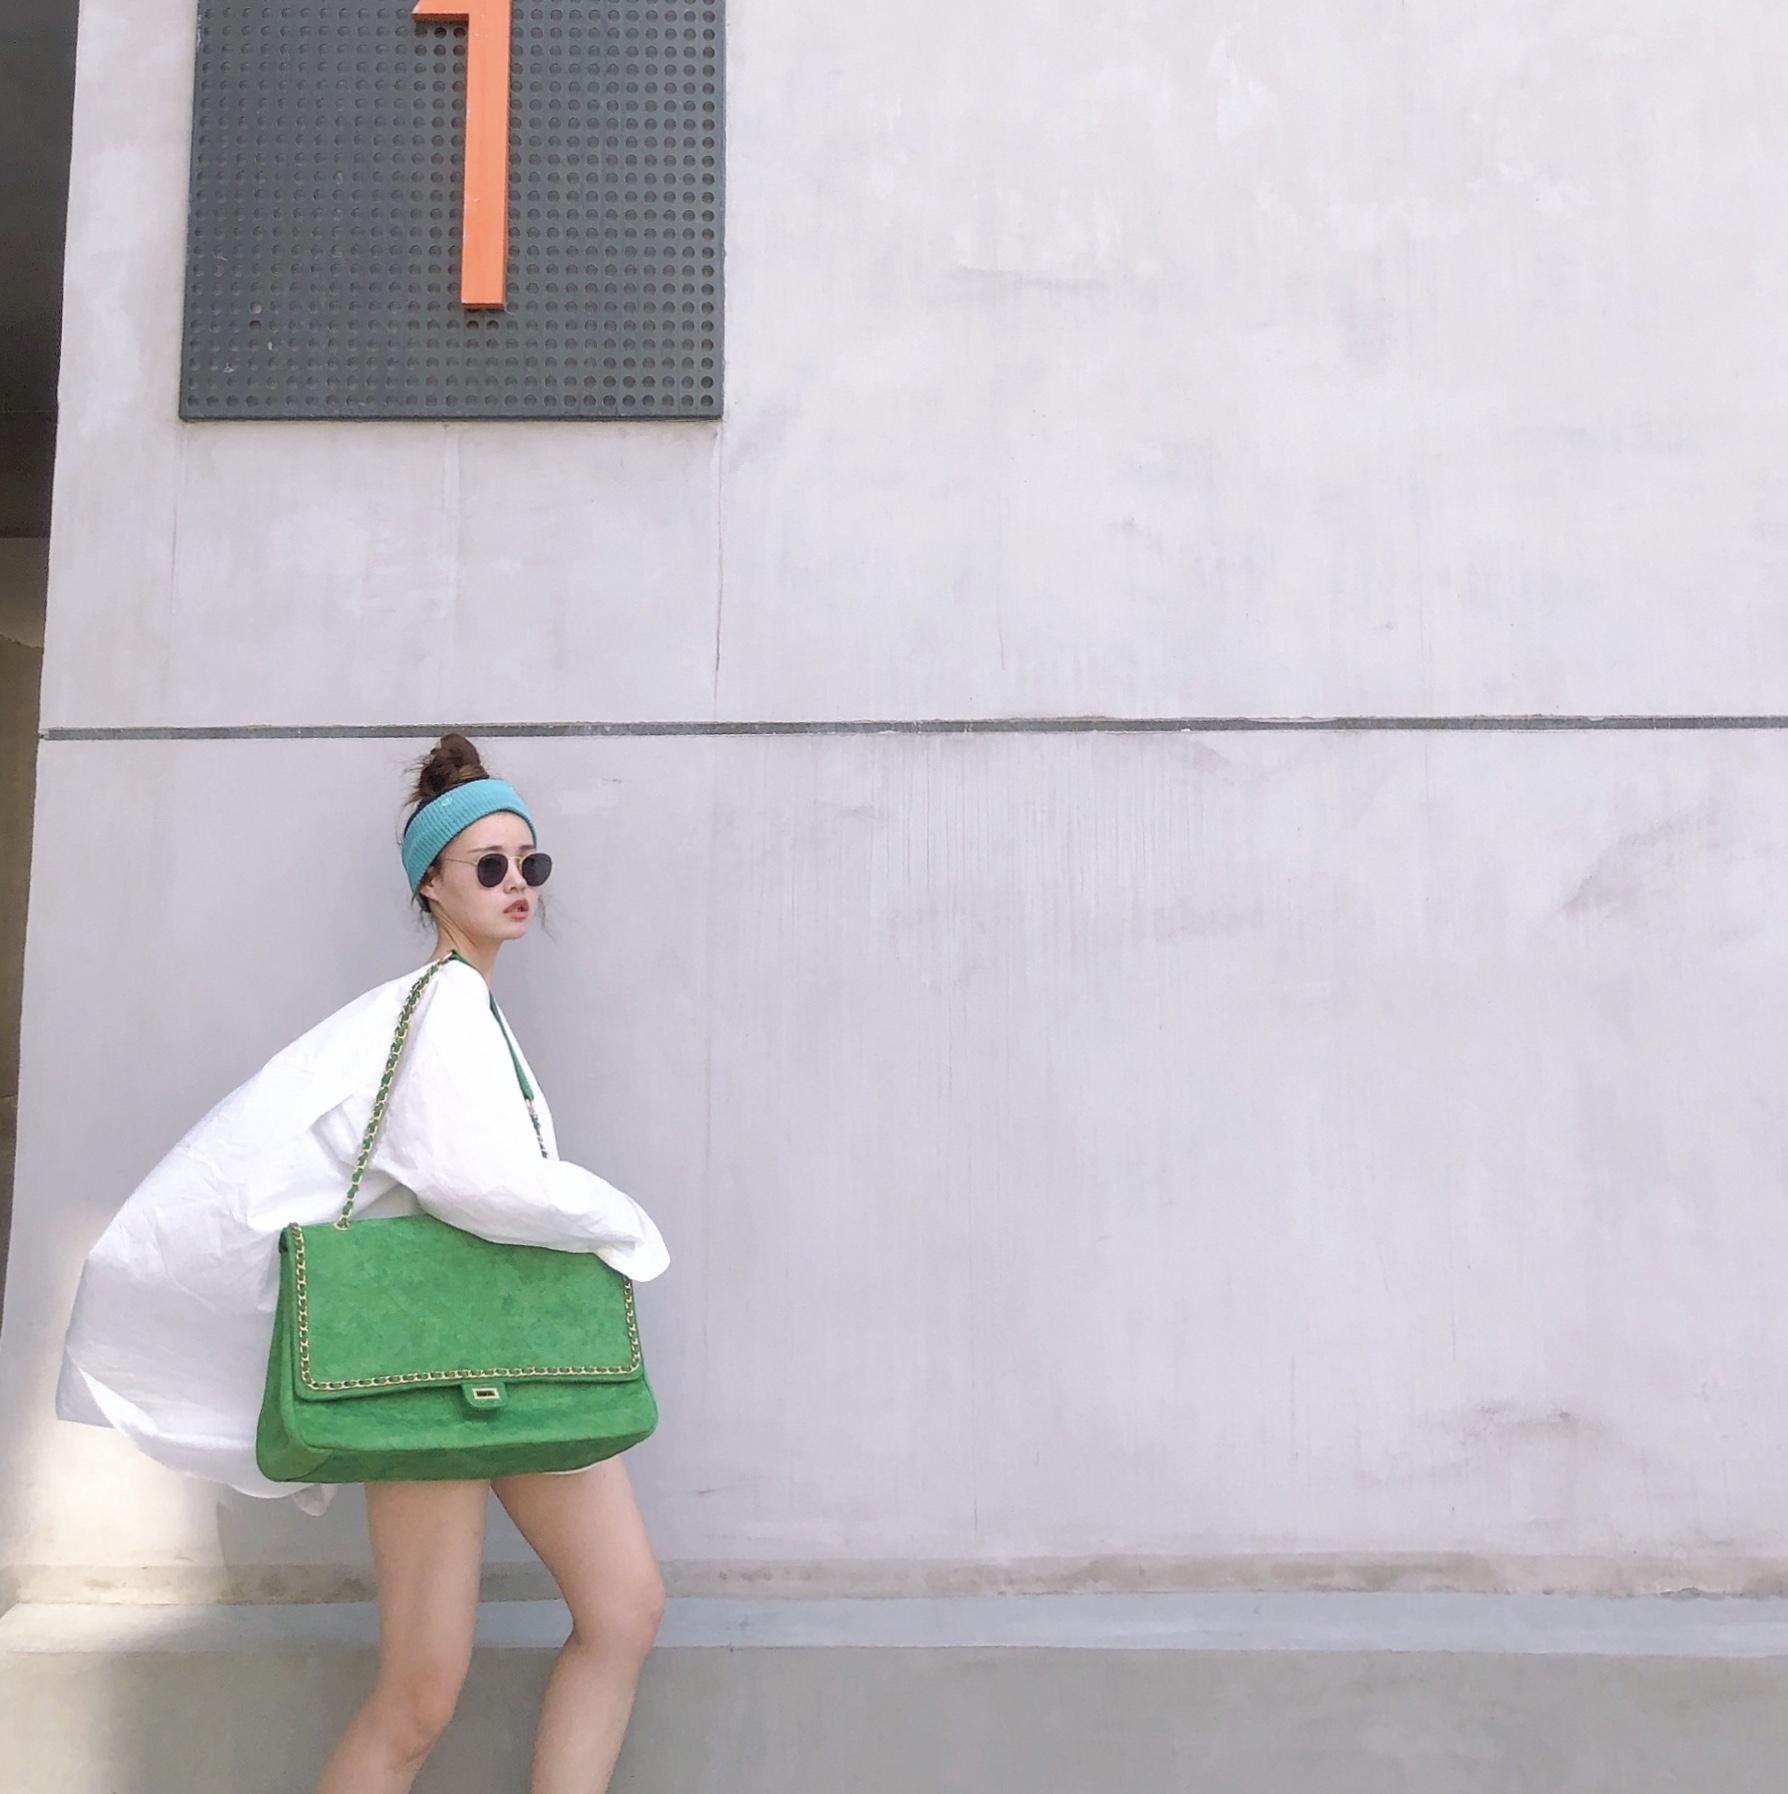 菱格链条包 网红于momo同款小香风菱格链条包糖果色麂皮绒购物袋超大容量女包_推荐淘宝好看的菱格链条包